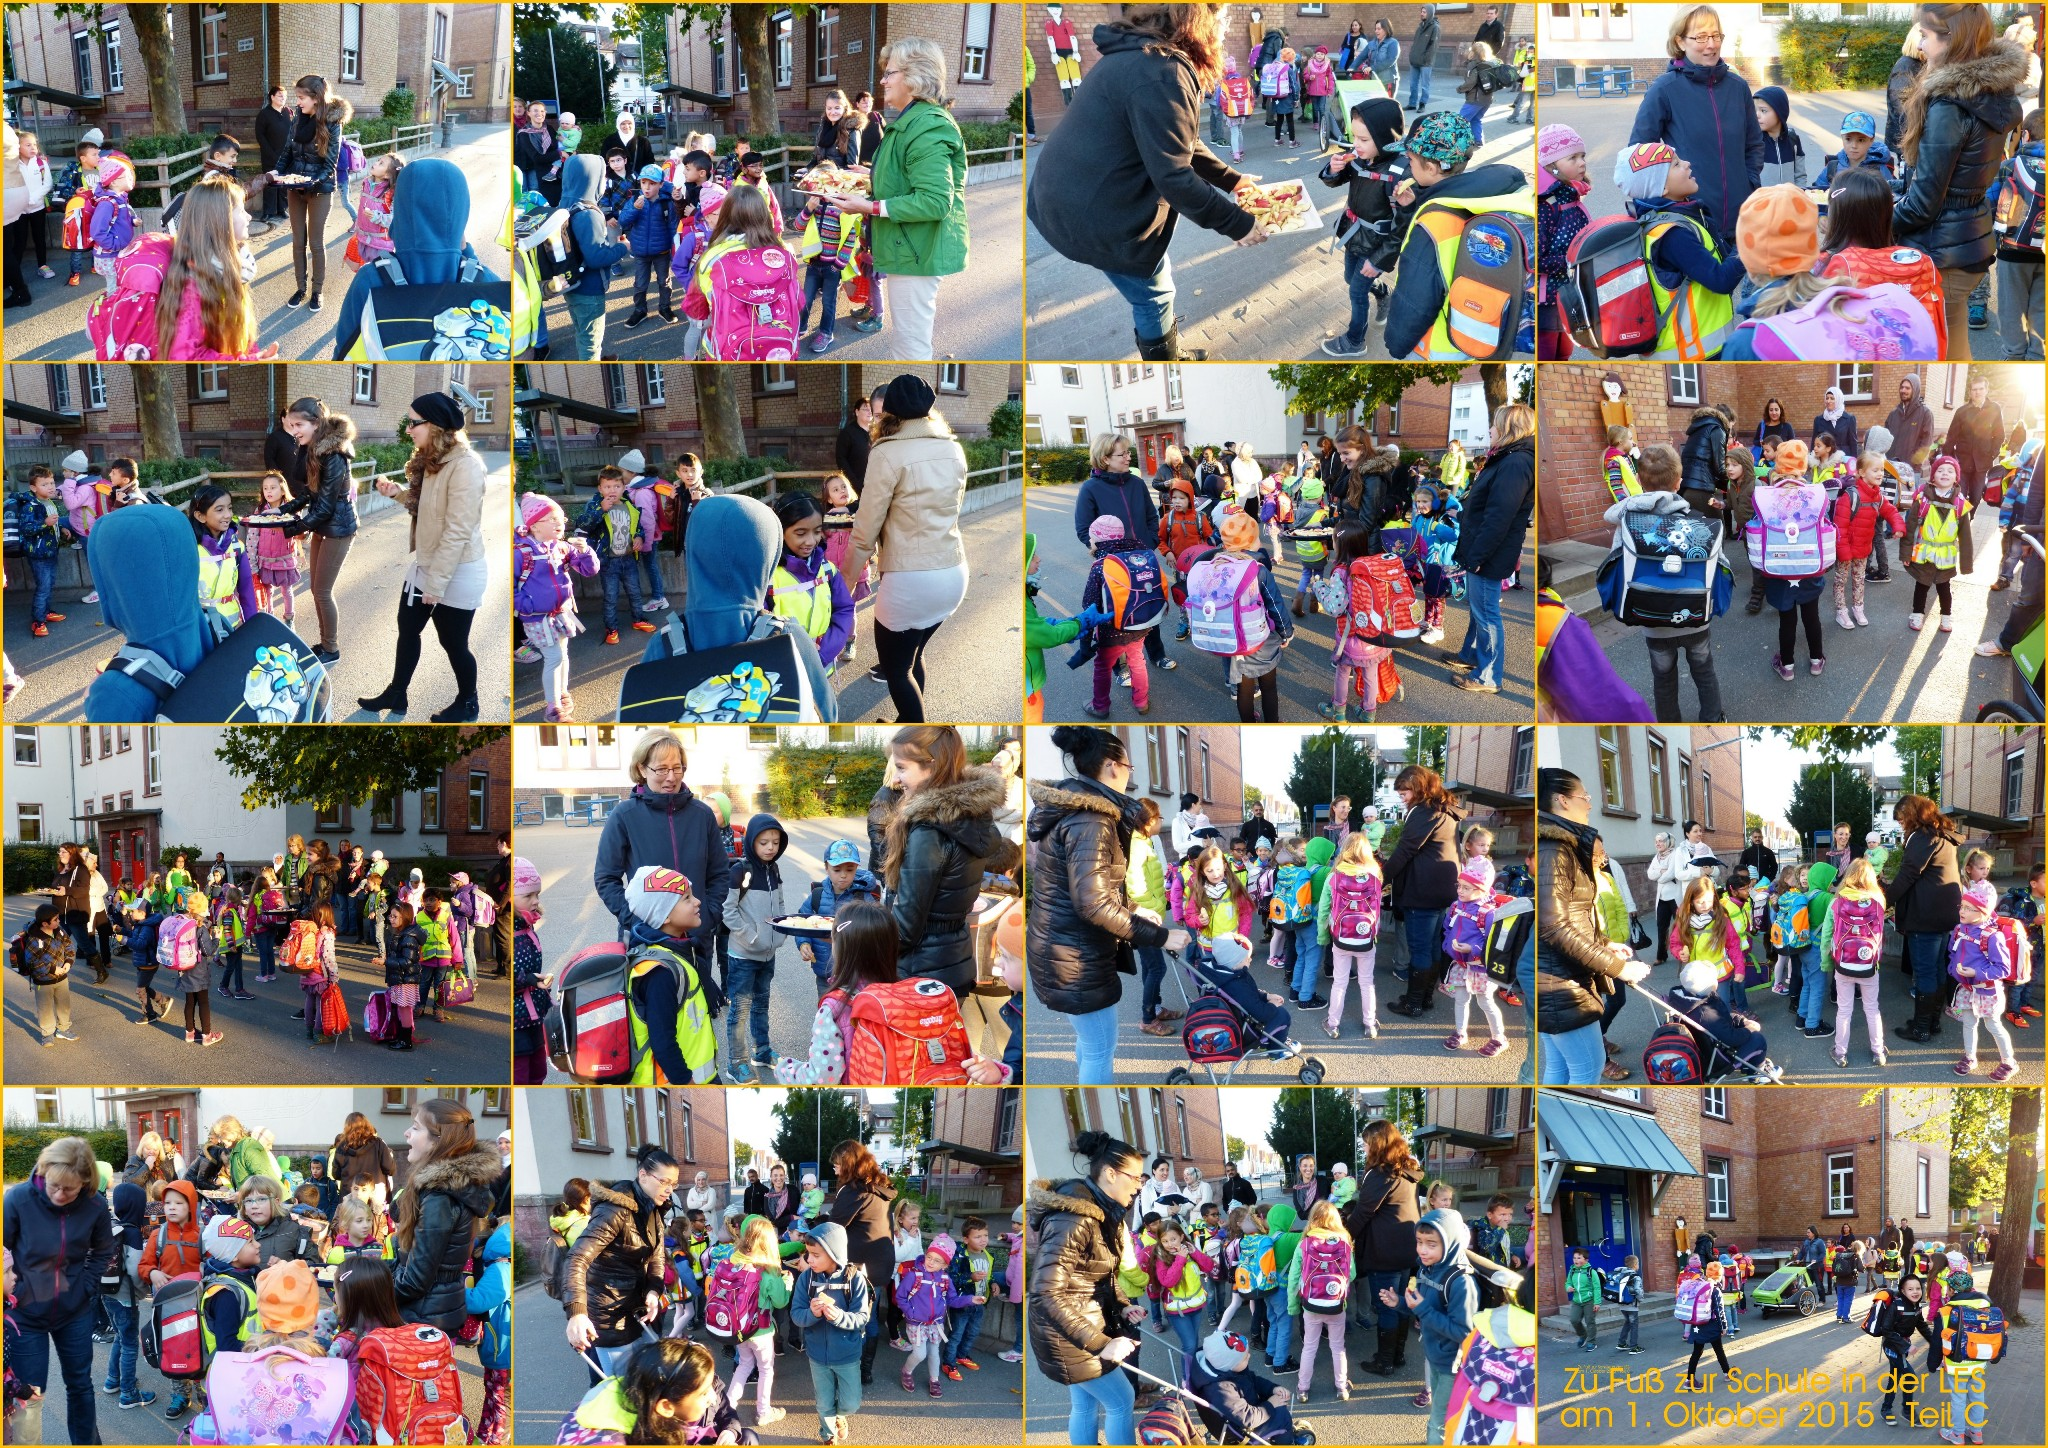 2015-10-01_Zu Fuss2.jpg